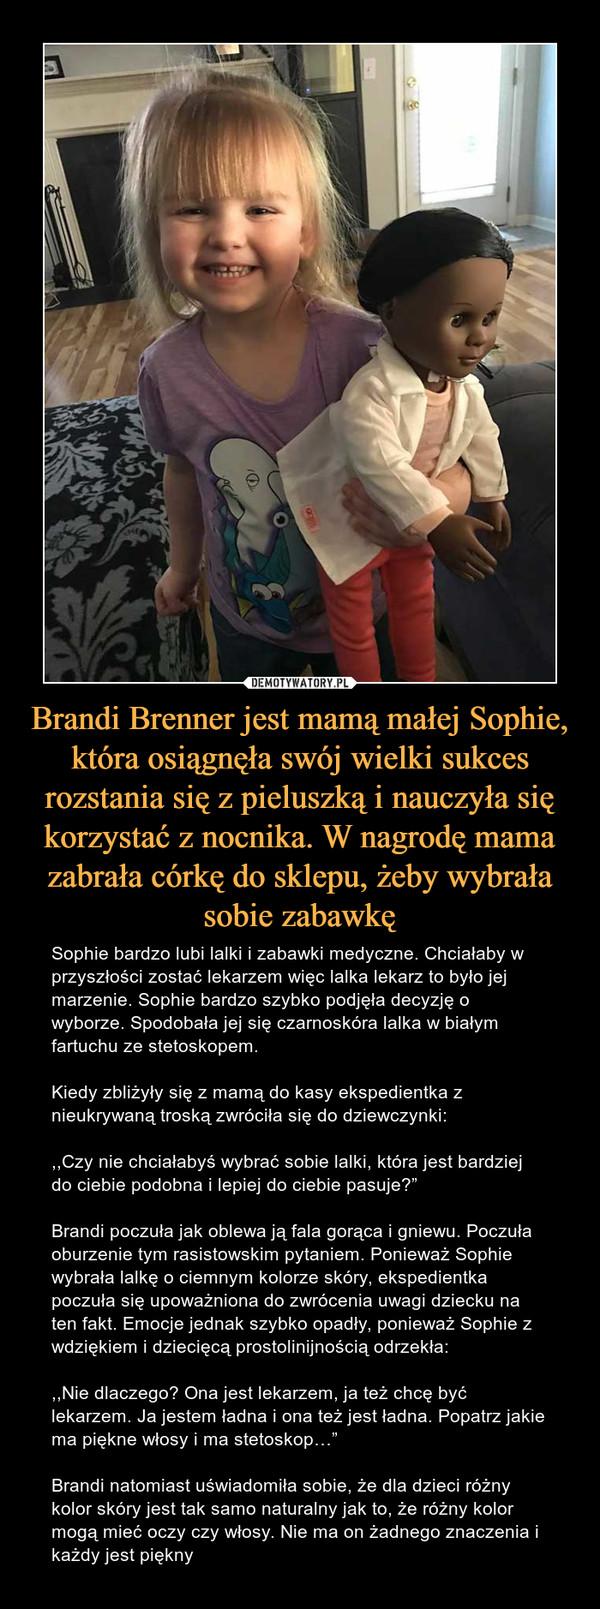 """Brandi Brenner jest mamą małej Sophie, która osiągnęła swój wielki sukces rozstania się z pieluszką i nauczyła się korzystać z nocnika. W nagrodę mama zabrała córkę do sklepu, żeby wybrała sobie zabawkę – Sophie bardzo lubi lalki i zabawki medyczne. Chciałaby w przyszłości zostać lekarzem więc lalka lekarz to było jej marzenie. Sophie bardzo szybko podjęła decyzję o wyborze. Spodobała jej się czarnoskóra lalka w białym fartuchu ze stetoskopem.Kiedy zbliżyły się z mamą do kasy ekspedientka z nieukrywaną troską zwróciła się do dziewczynki:,,Czy nie chciałabyś wybrać sobie lalki, która jest bardziej do ciebie podobna i lepiej do ciebie pasuje?""""Brandi poczuła jak oblewa ją fala gorąca i gniewu. Poczuła oburzenie tym rasistowskim pytaniem. Ponieważ Sophie wybrała lalkę o ciemnym kolorze skóry, ekspedientka poczuła się upoważniona do zwrócenia uwagi dziecku na ten fakt. Emocje jednak szybko opadły, ponieważ Sophie z wdziękiem i dziecięcą prostolinijnością odrzekła:,,Nie dlaczego? Ona jest lekarzem, ja też chcę być lekarzem. Ja jestem ładna i ona też jest ładna. Popatrz jakie ma piękne włosy i ma stetoskop…""""Brandi natomiast uświadomiła sobie, że dla dzieci różny kolor skóry jest tak samo naturalny jak to, że różny kolor mogą mieć oczy czy włosy. Nie ma on żadnego znaczenia i każdy jest piękny"""